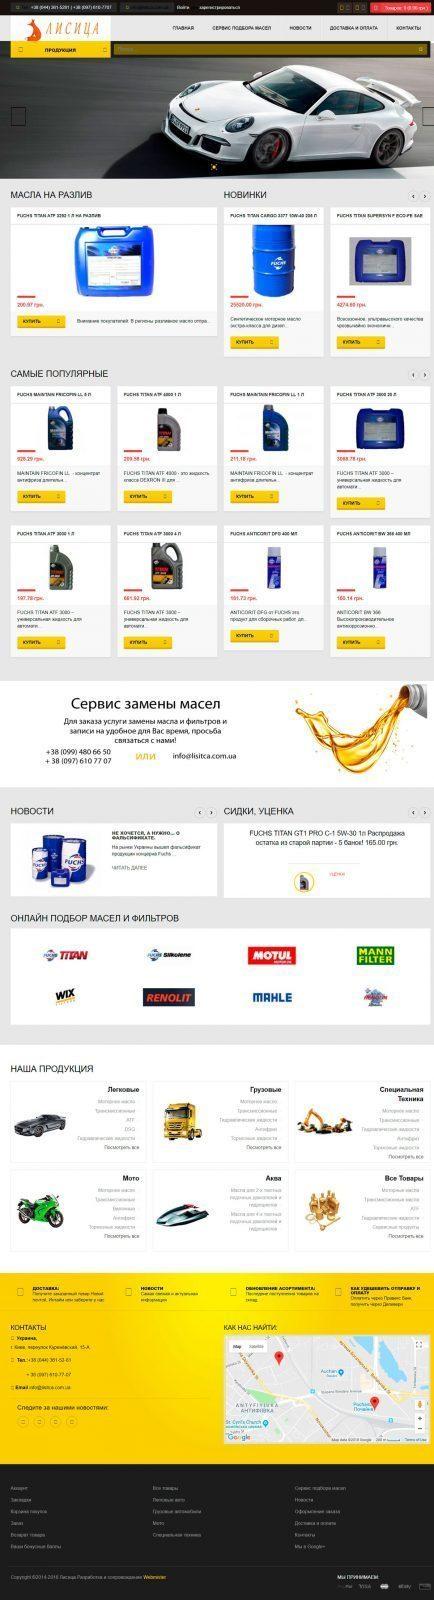 Интернет-магазин автомобильных масел (Opencart)